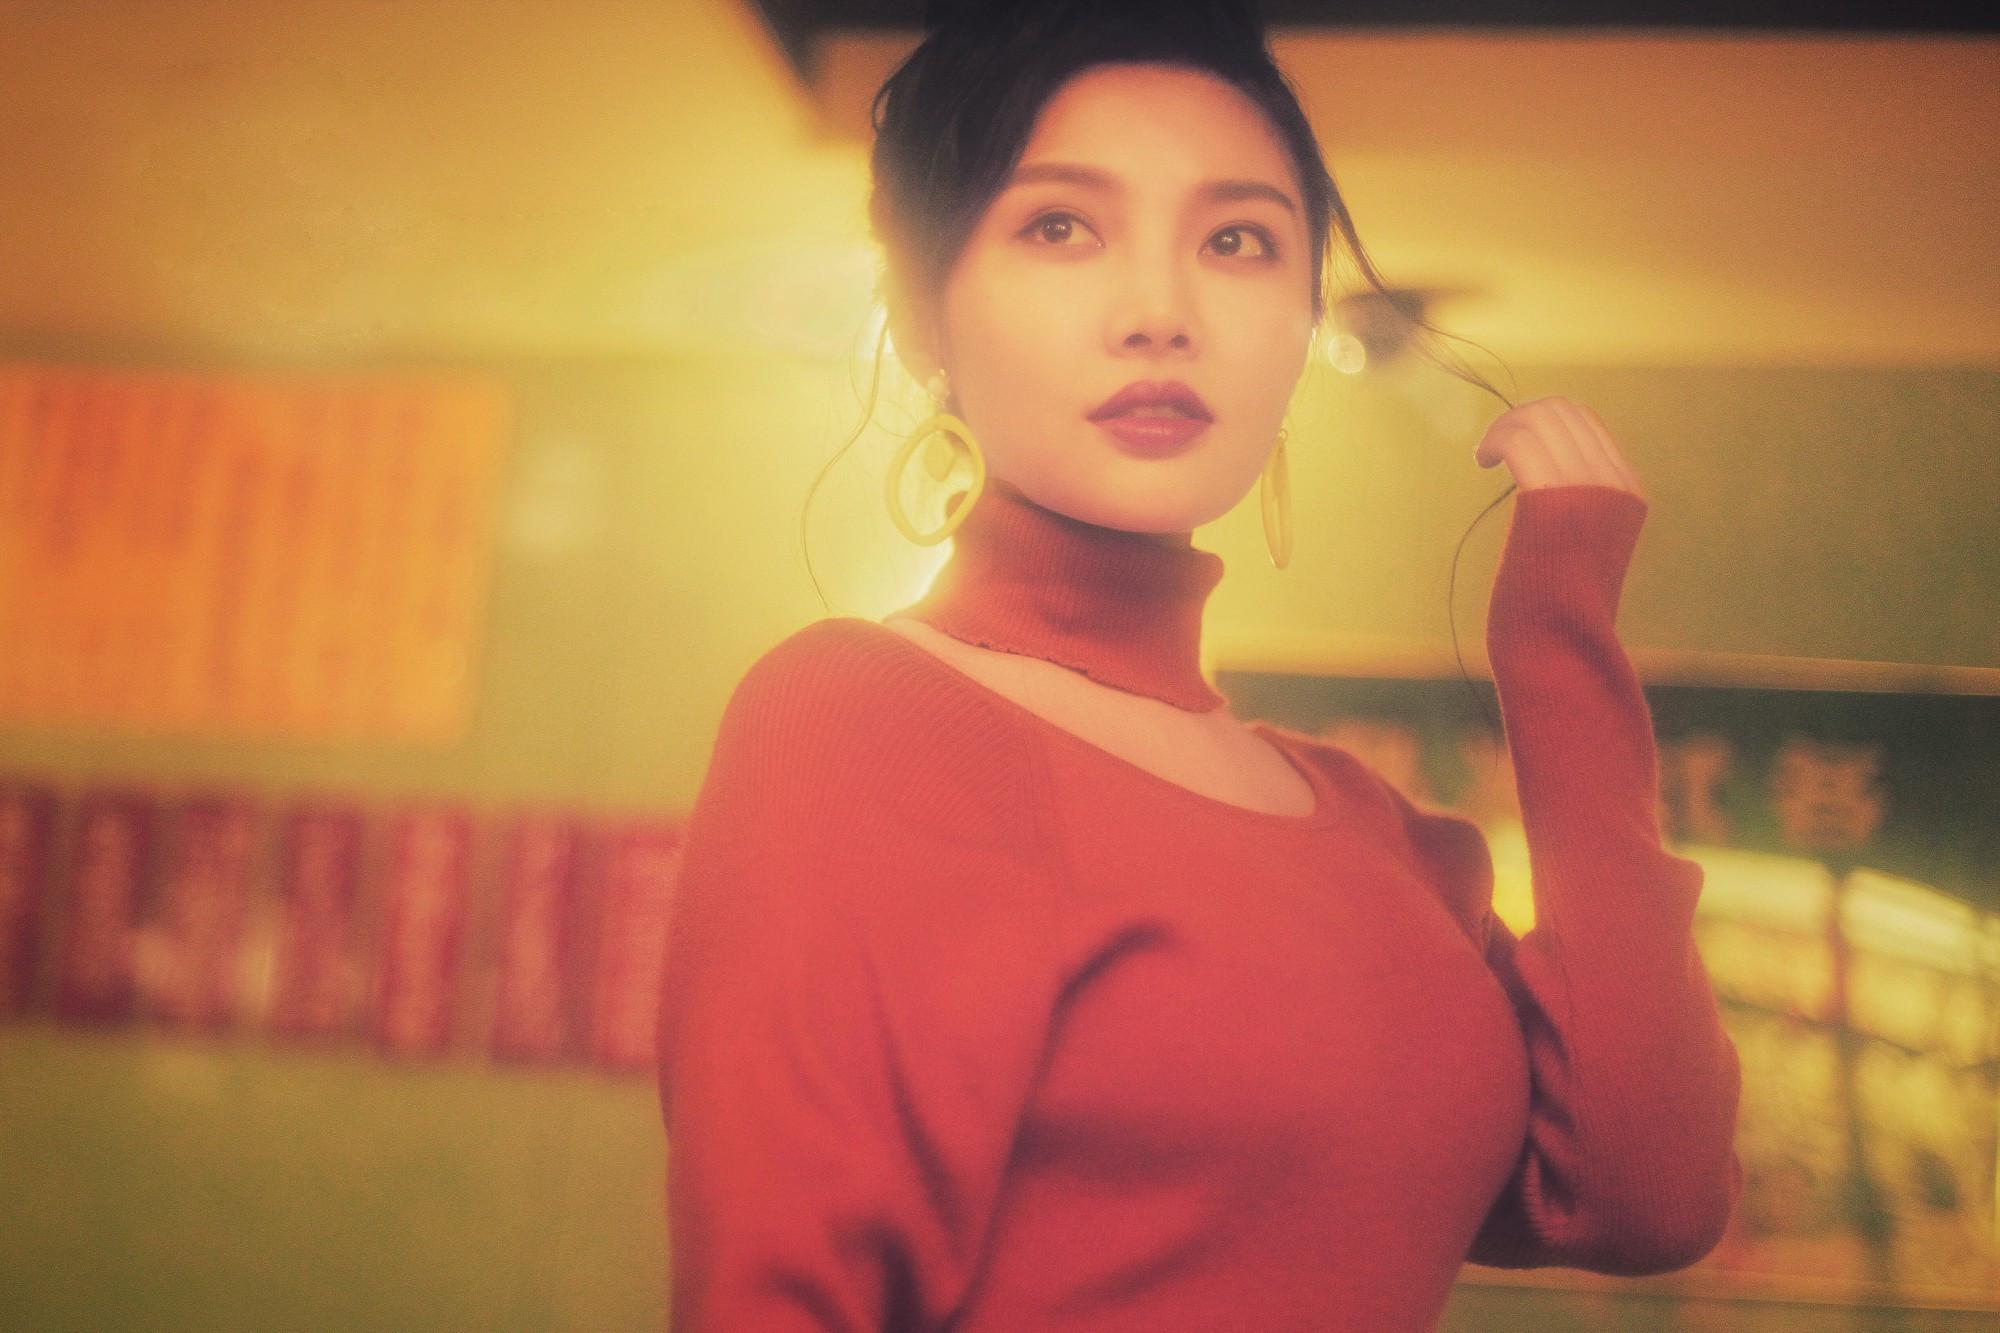 徐冬冬经典一笑!网友:她是我心中最美的电影脸